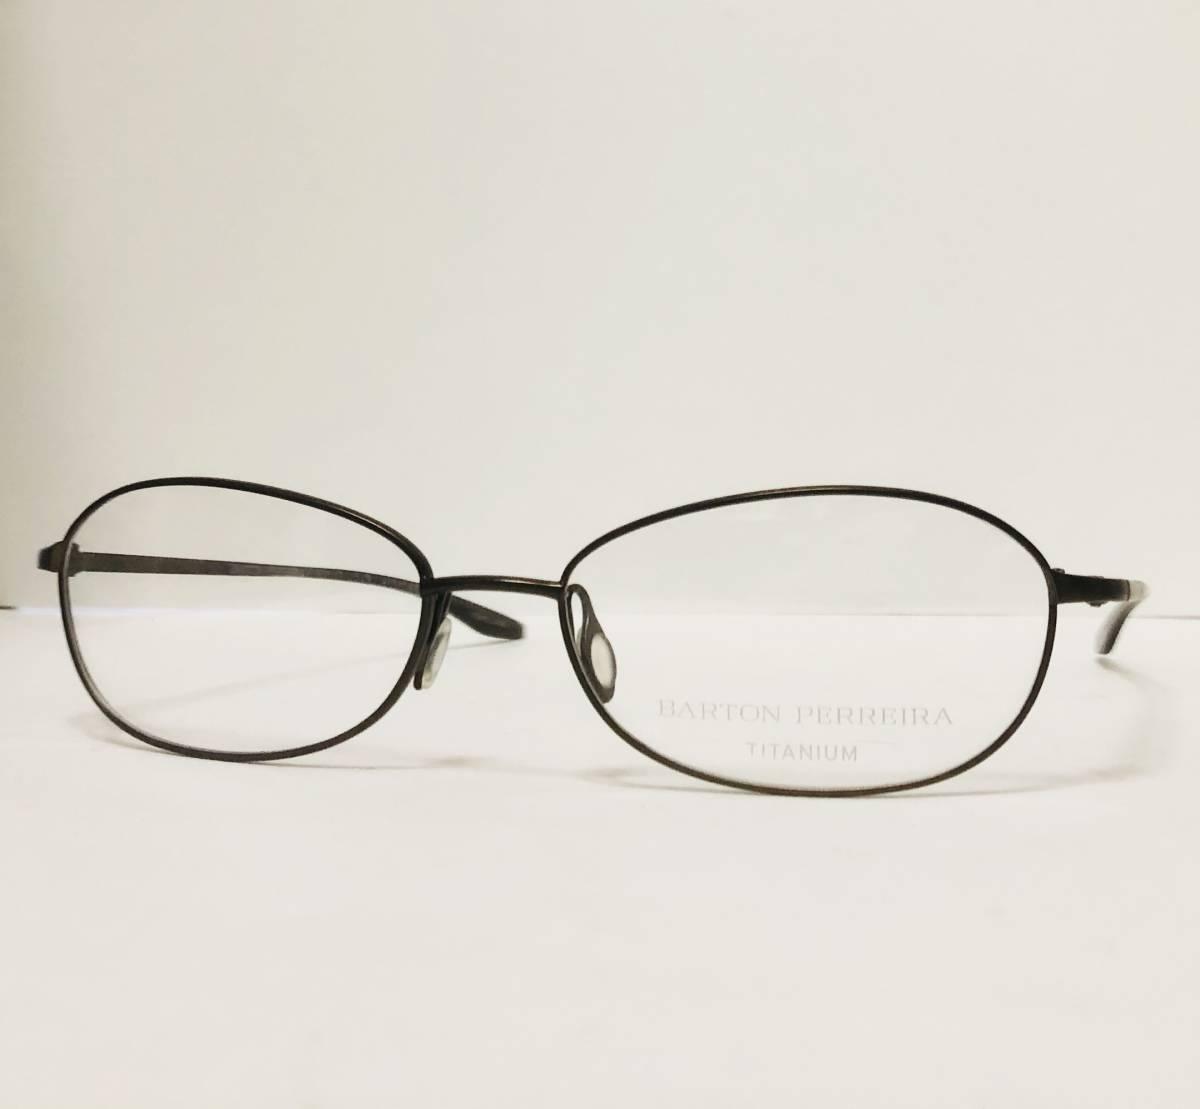 定価 42,500円 バートンペレイラ ヘイゼル チタン製 日本製 黒小金色 Barton Perreira メガネ 米国ブランド_画像3